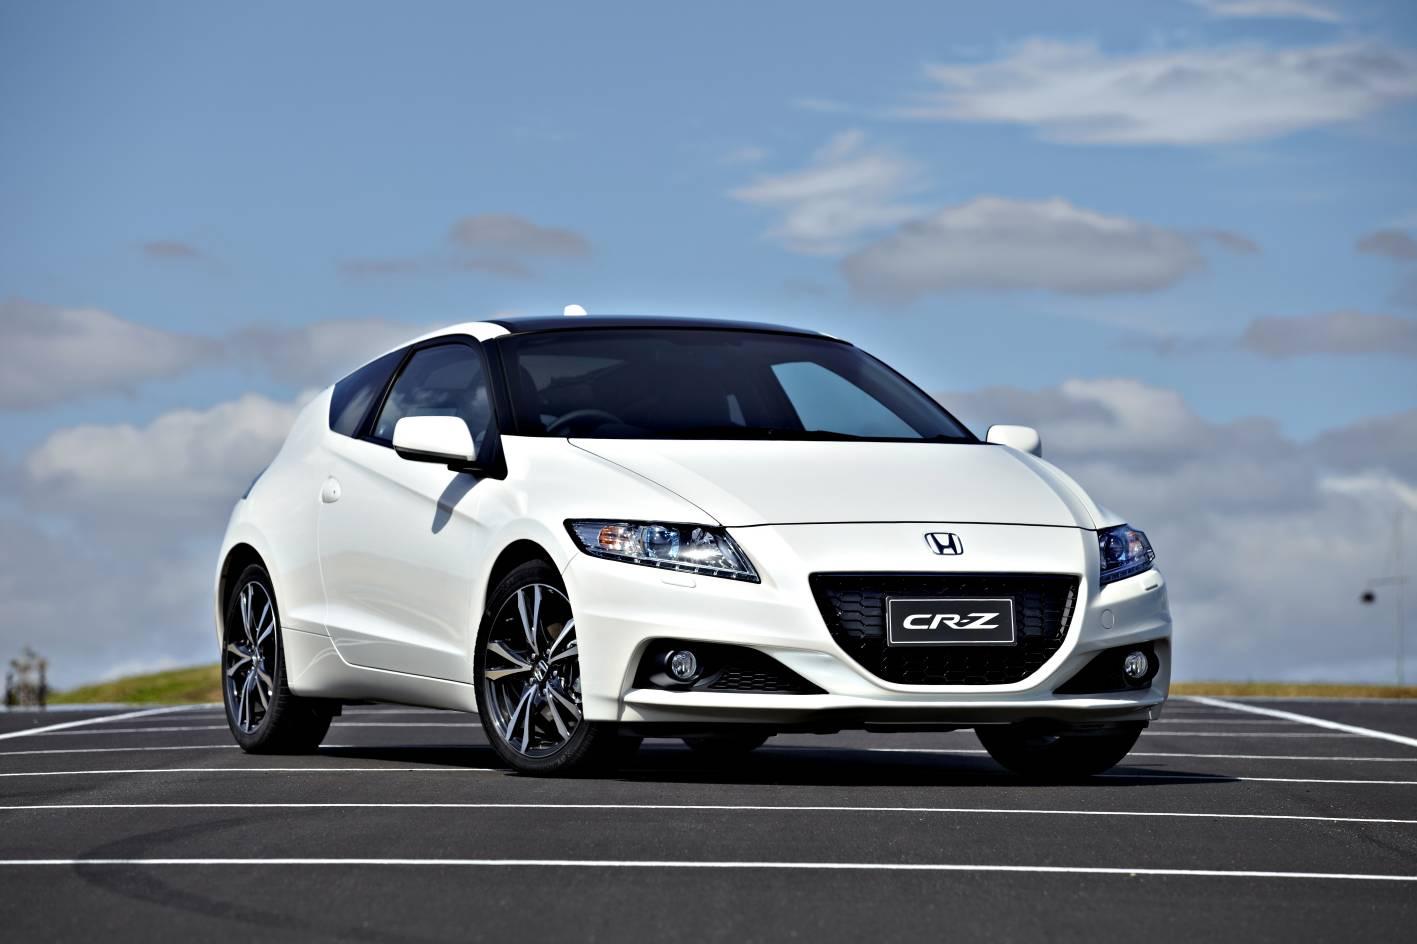 Honda CR-Z Archives | PerformanceDrive